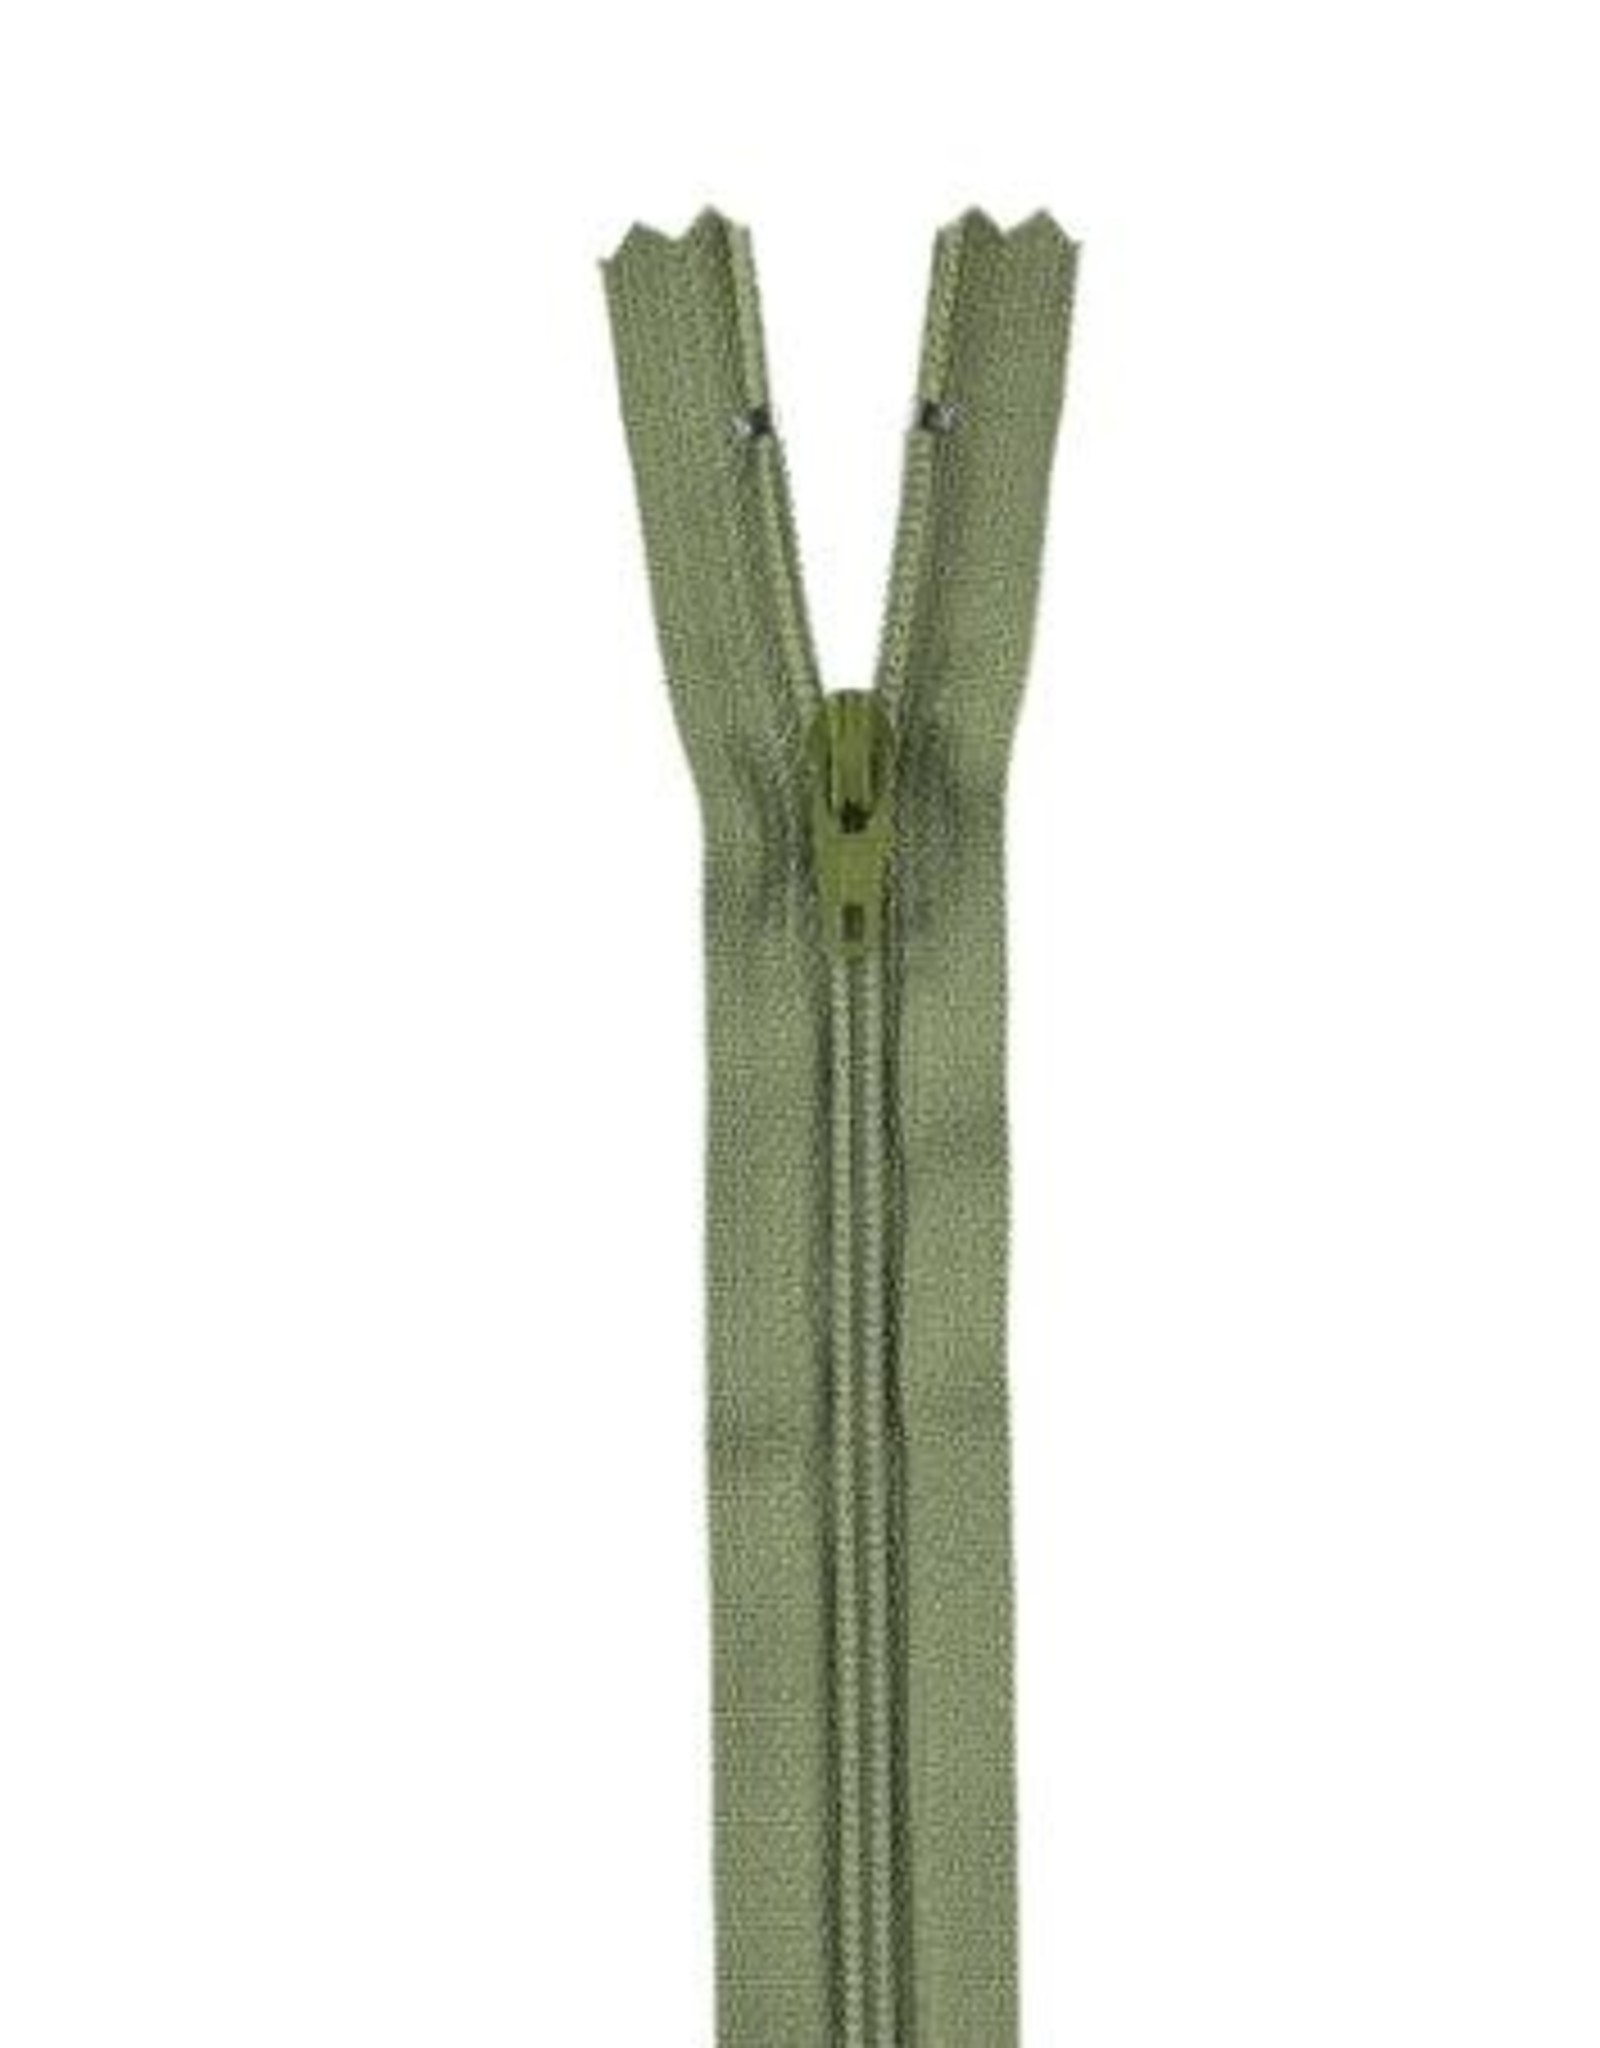 YKK Spiraalrits niet-DB 3mm mosgroen 888-25cm